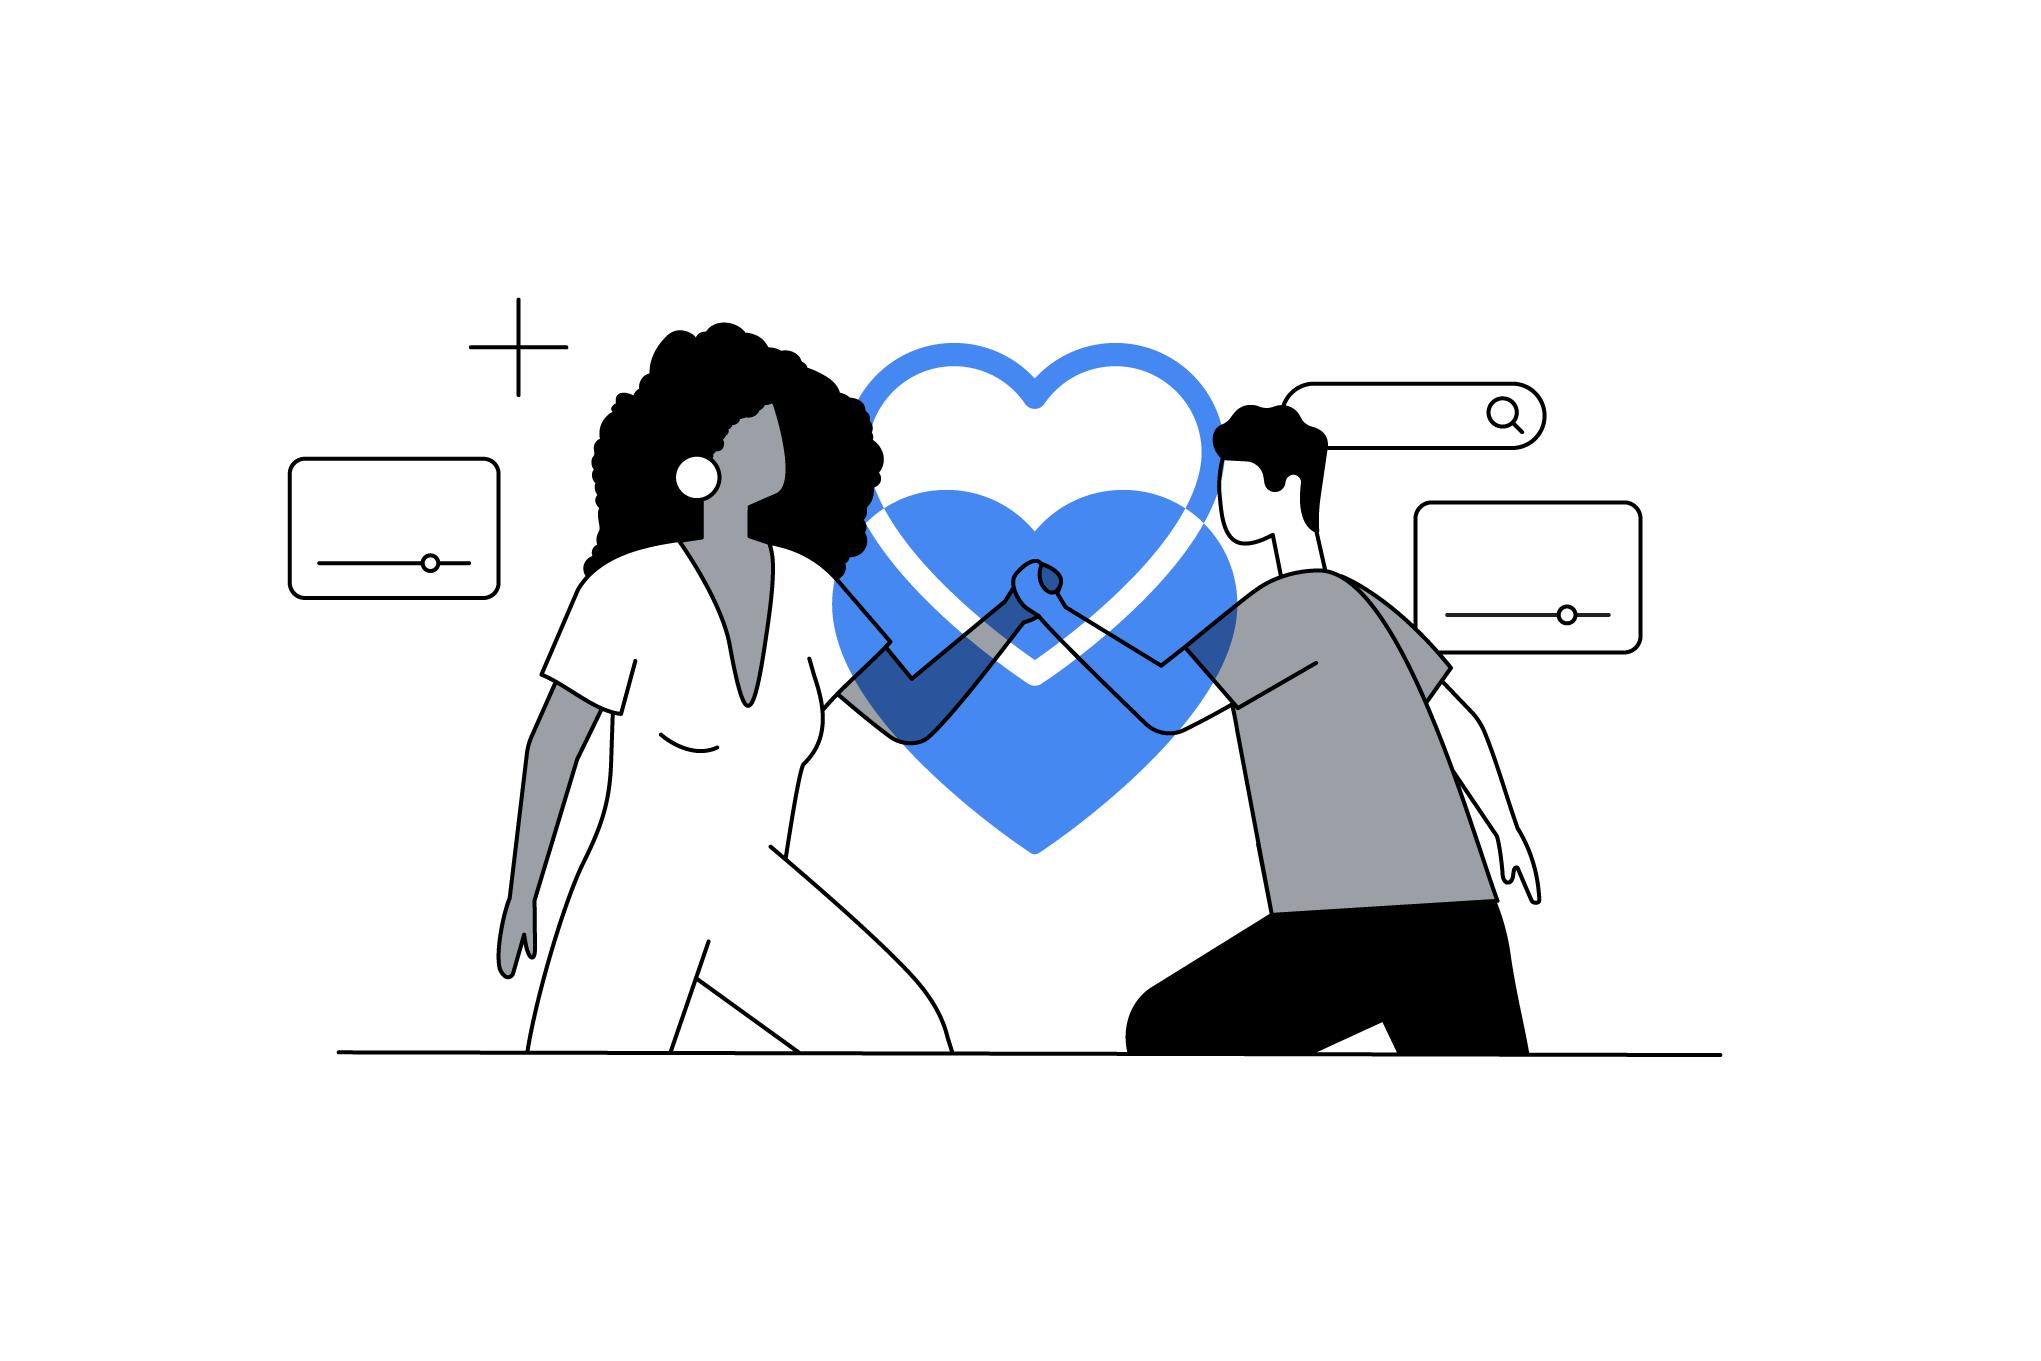 Visibilidade trans: como ampliar o diálogo sobre diversidade e inclusão – Por dentro do marketing do Google